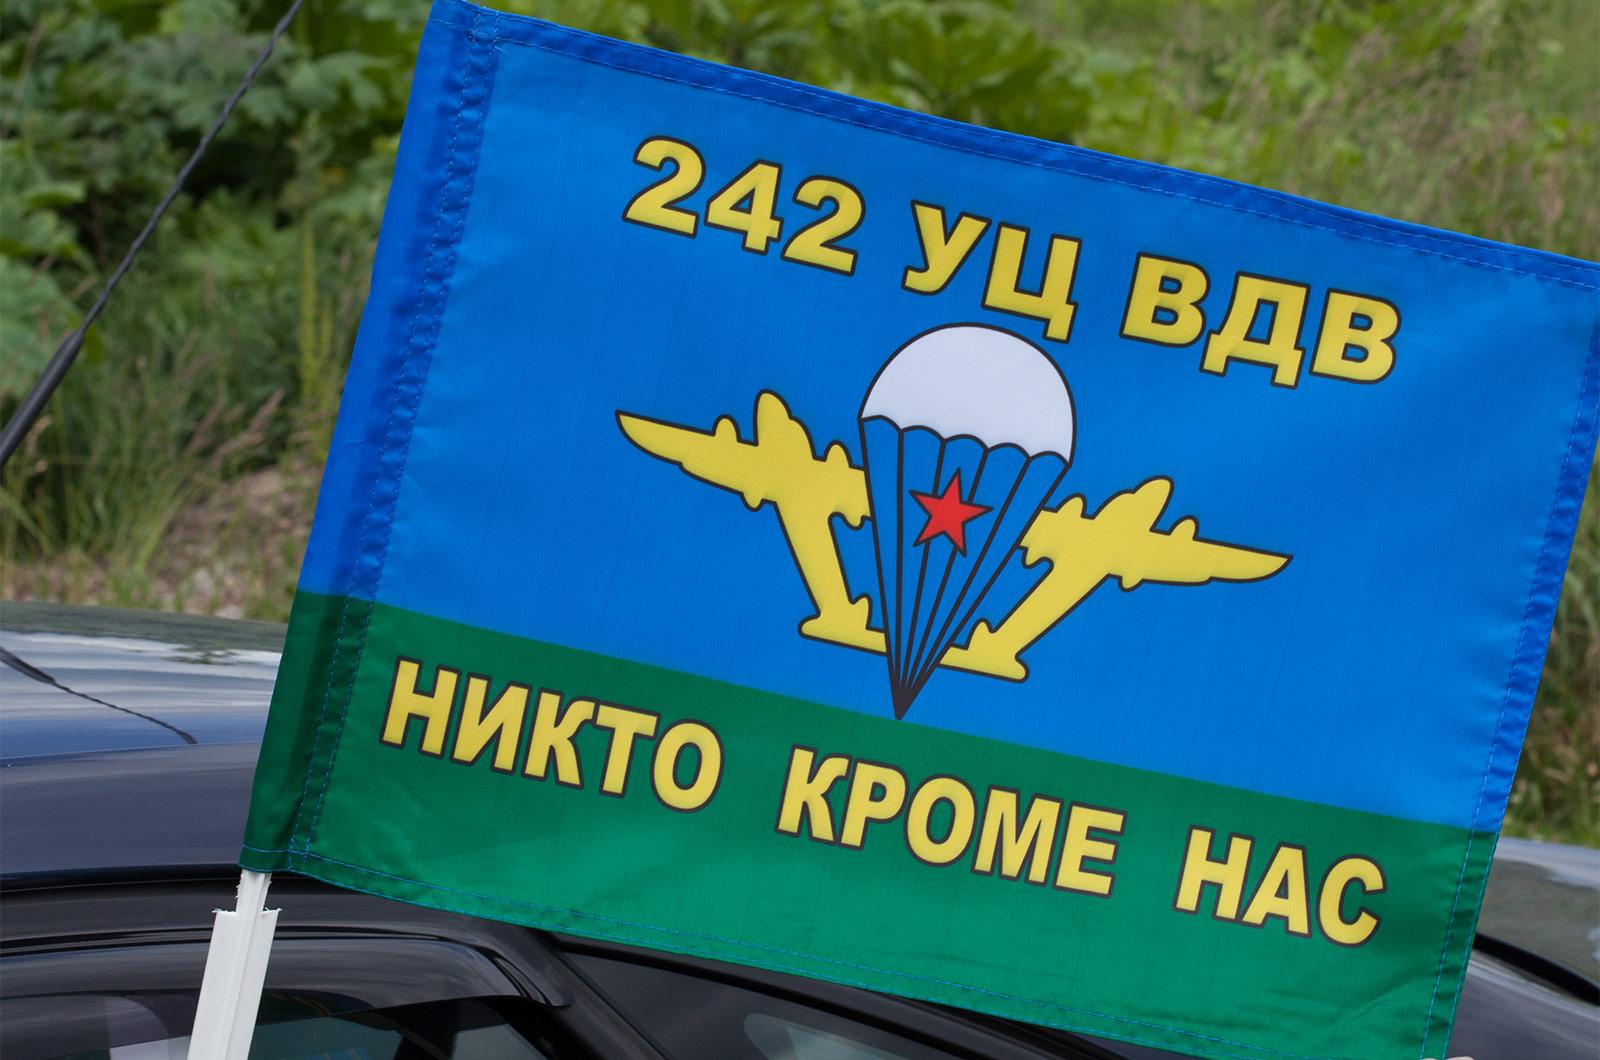 Флаг на машину 242 УЦ ВДВ